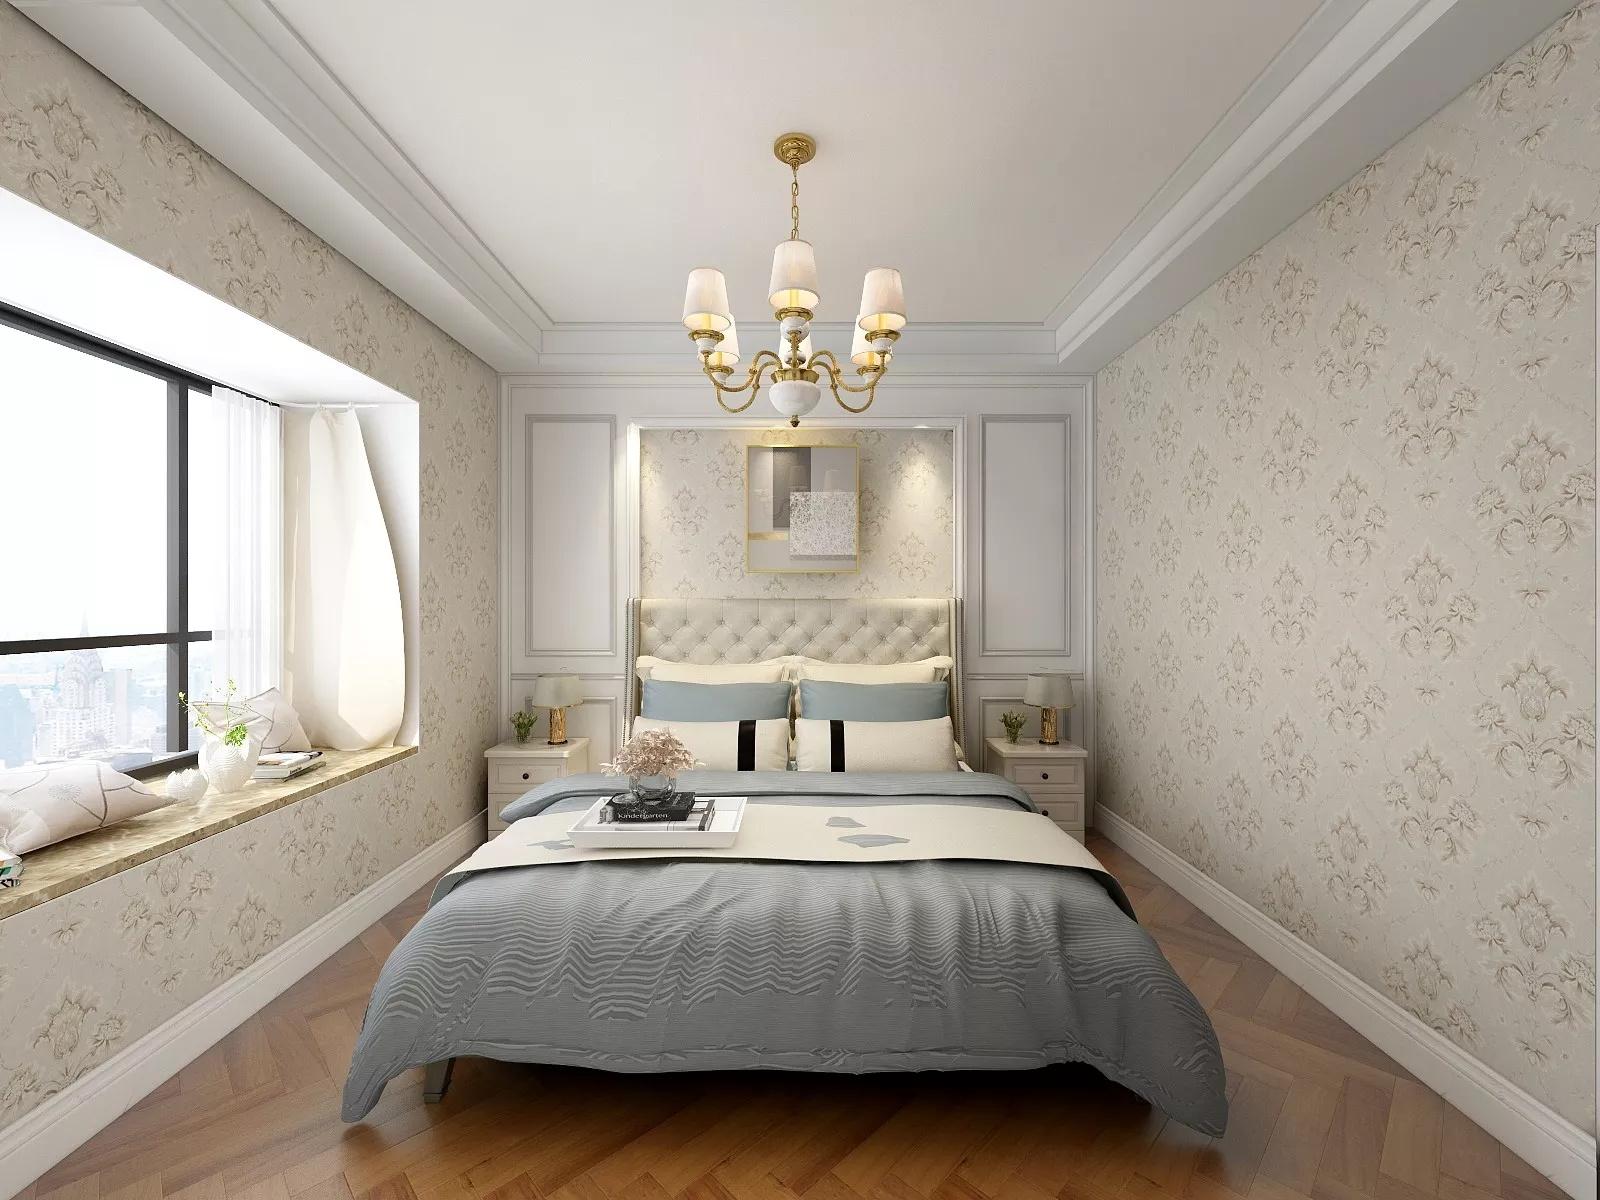 装修房子瓷砖多少钱 装修瓷砖预算一般是多少